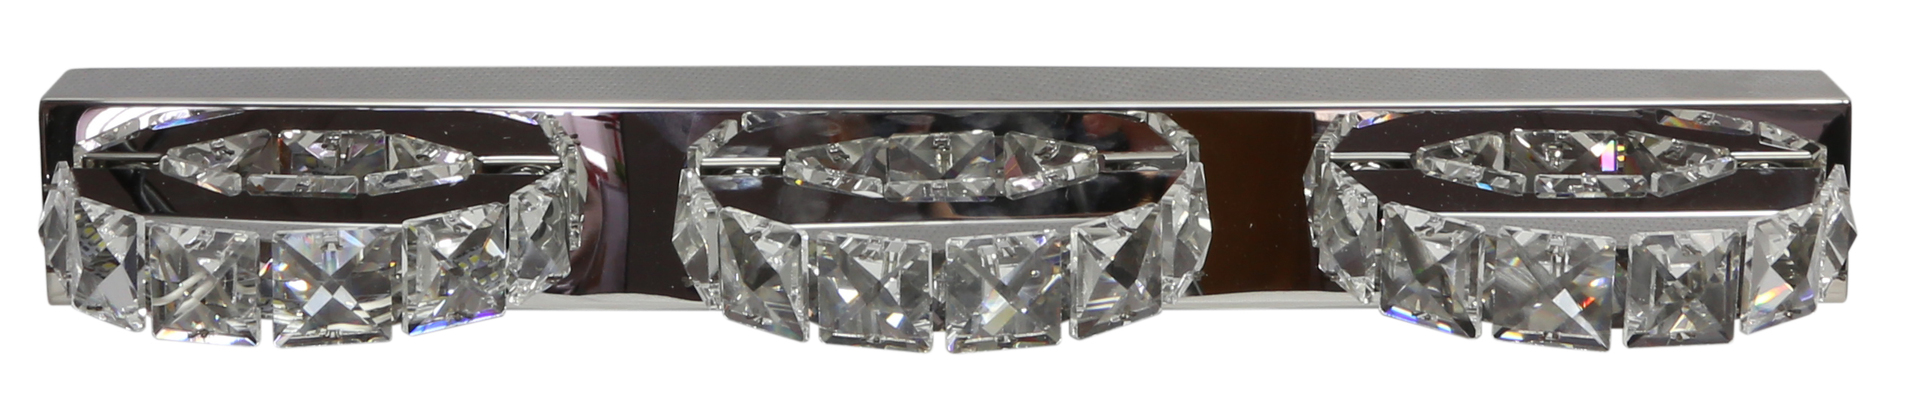 Lampă de perete Shipi 3X3W Cristale cu led din oțel inoxidabil